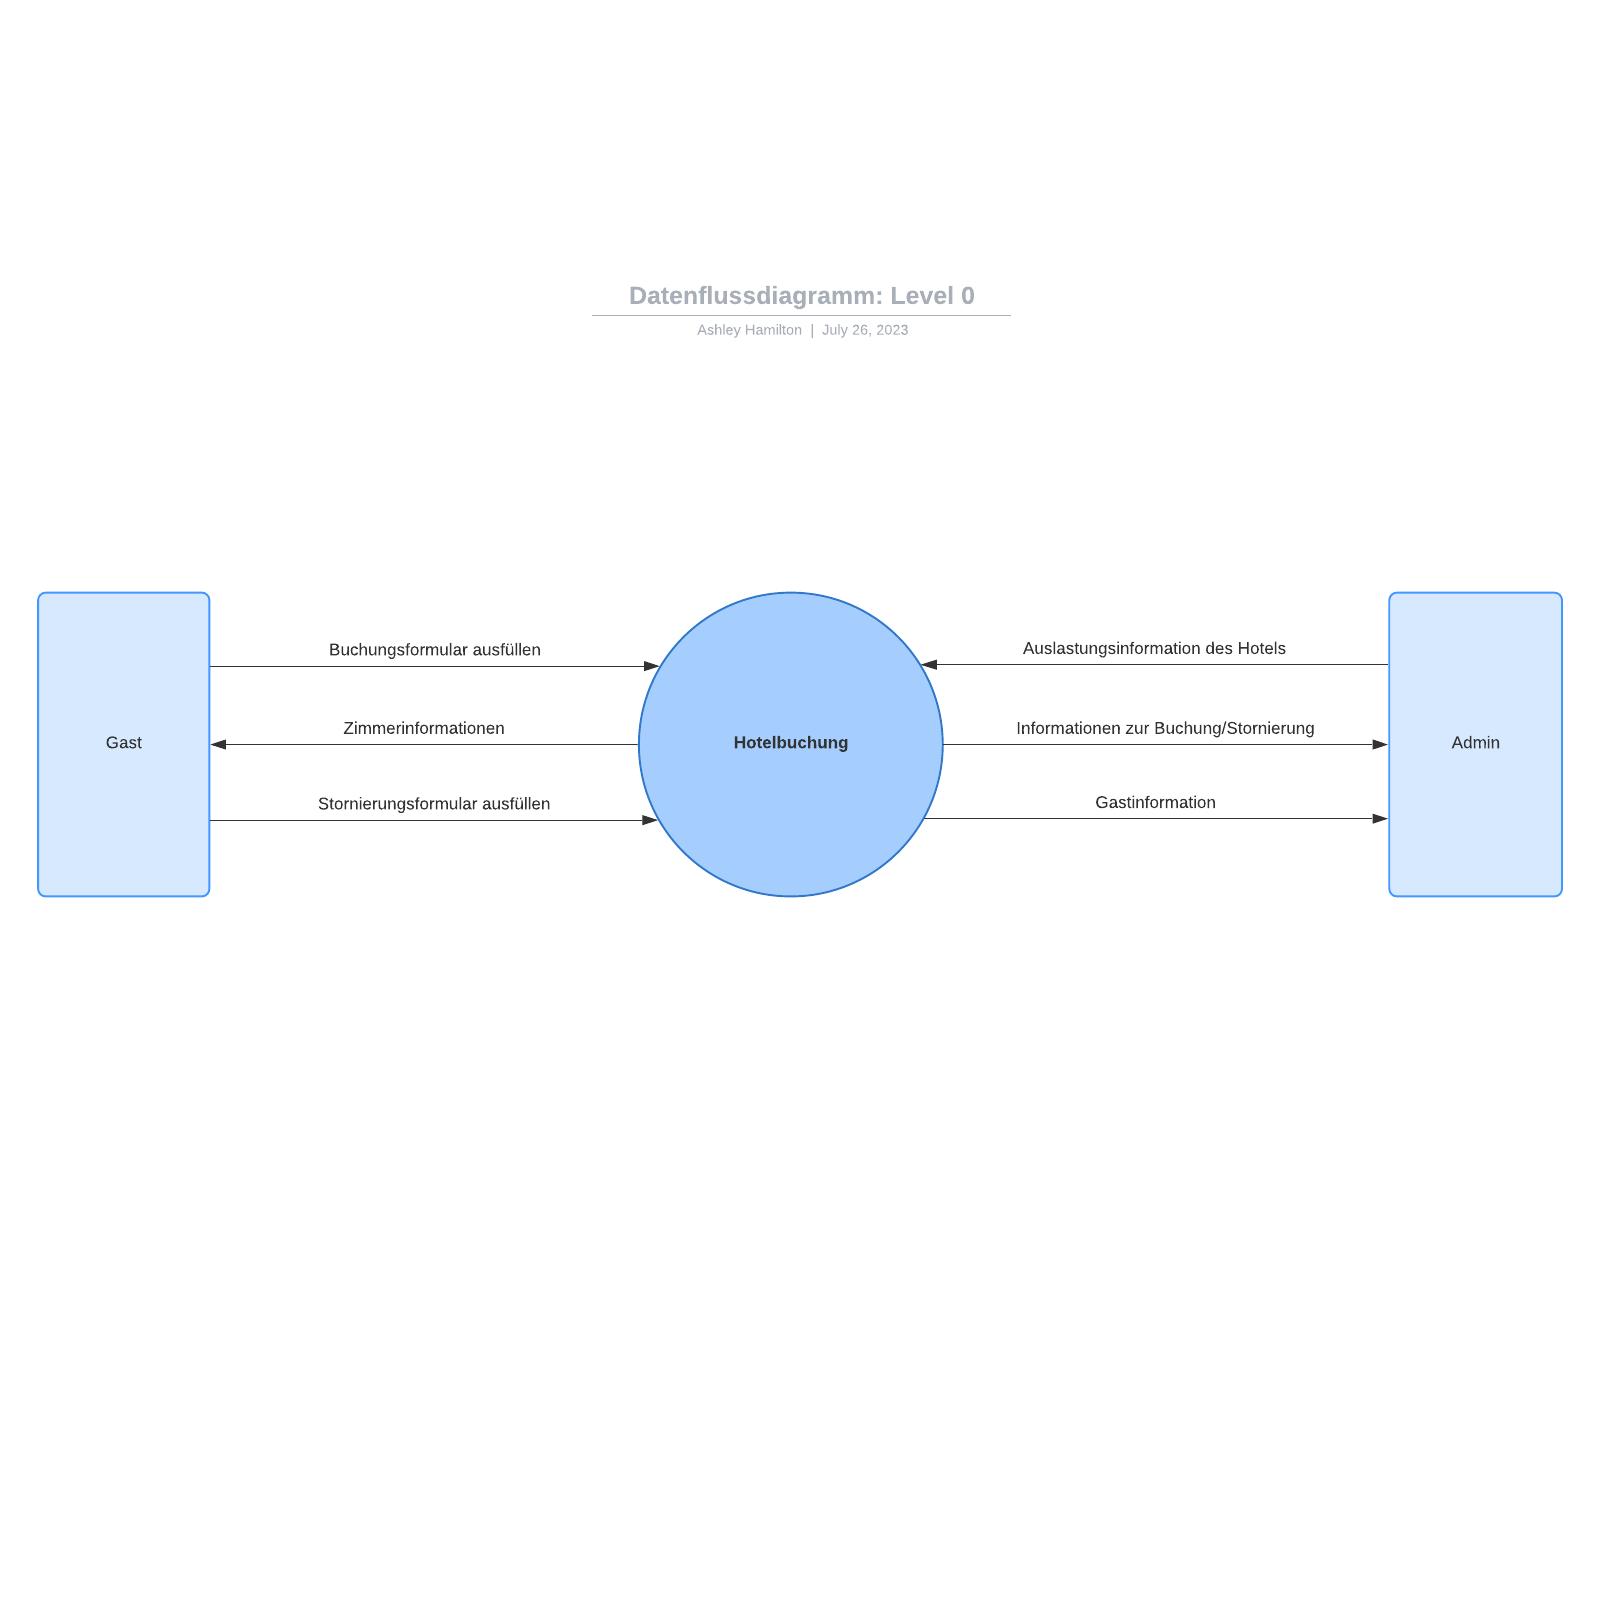 Datenflussdiagramm Beispiel (Level 0)